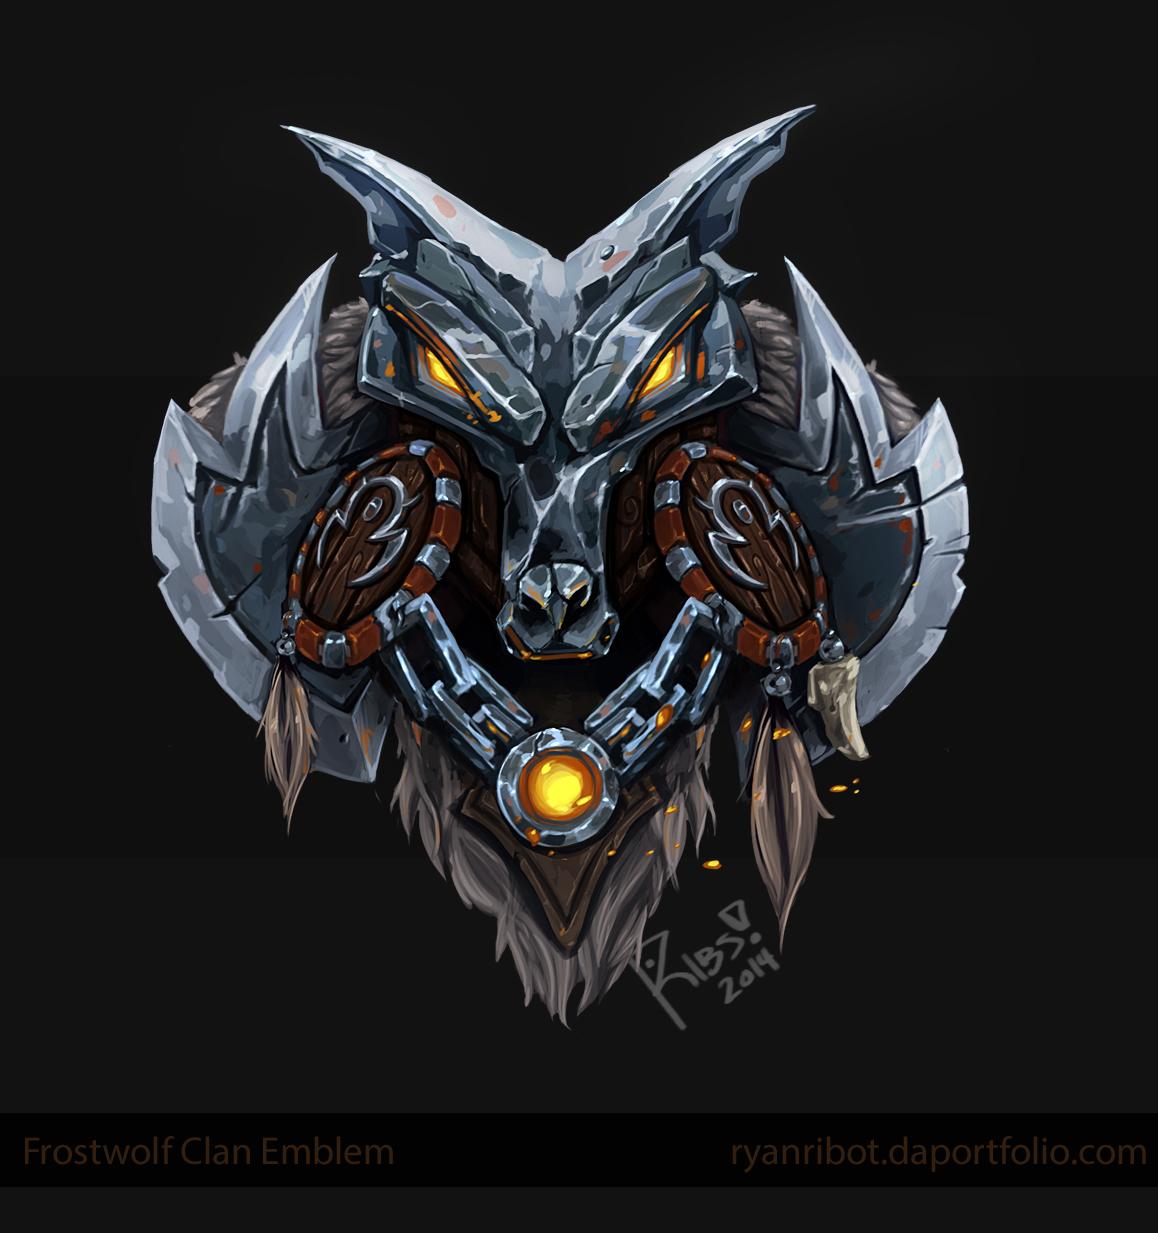 emblem_01_2_by_rribot-d7dnmz8.jpg